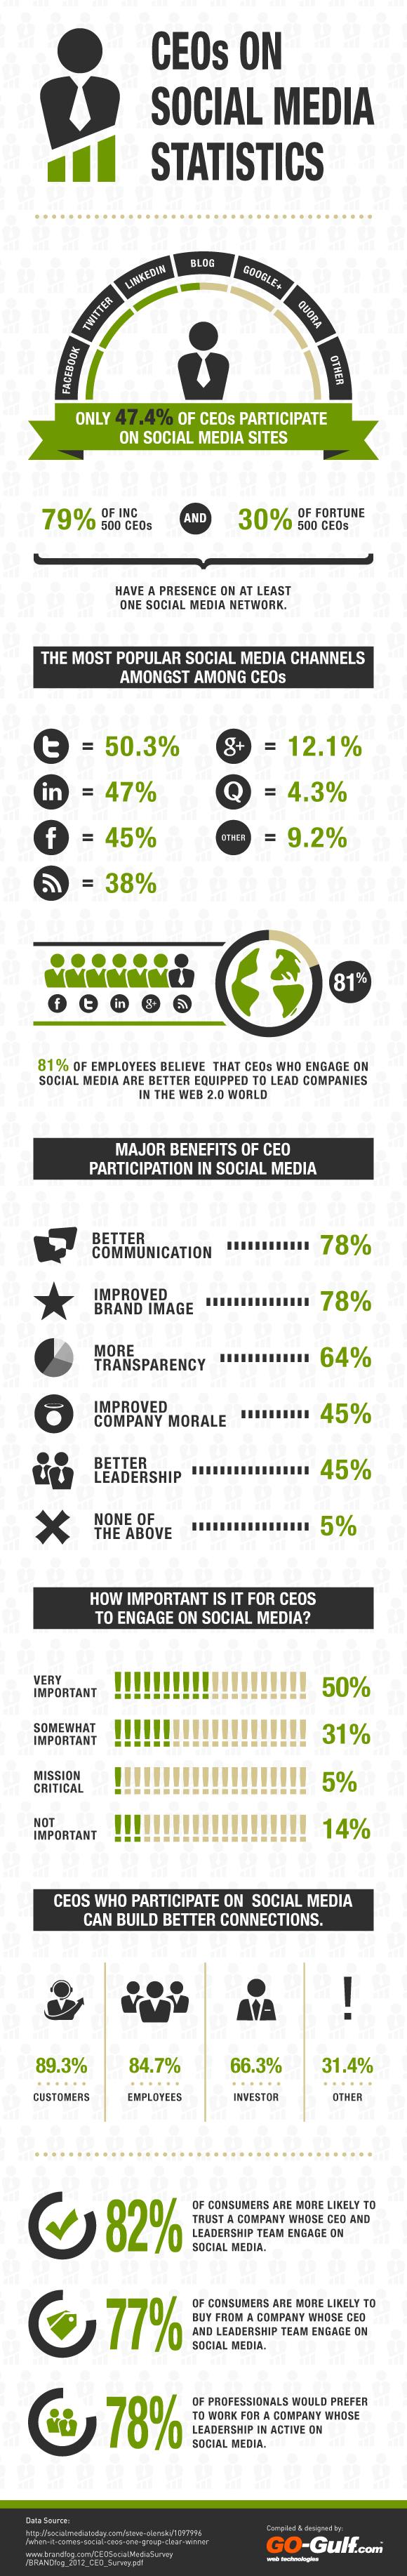 CEOs using social media